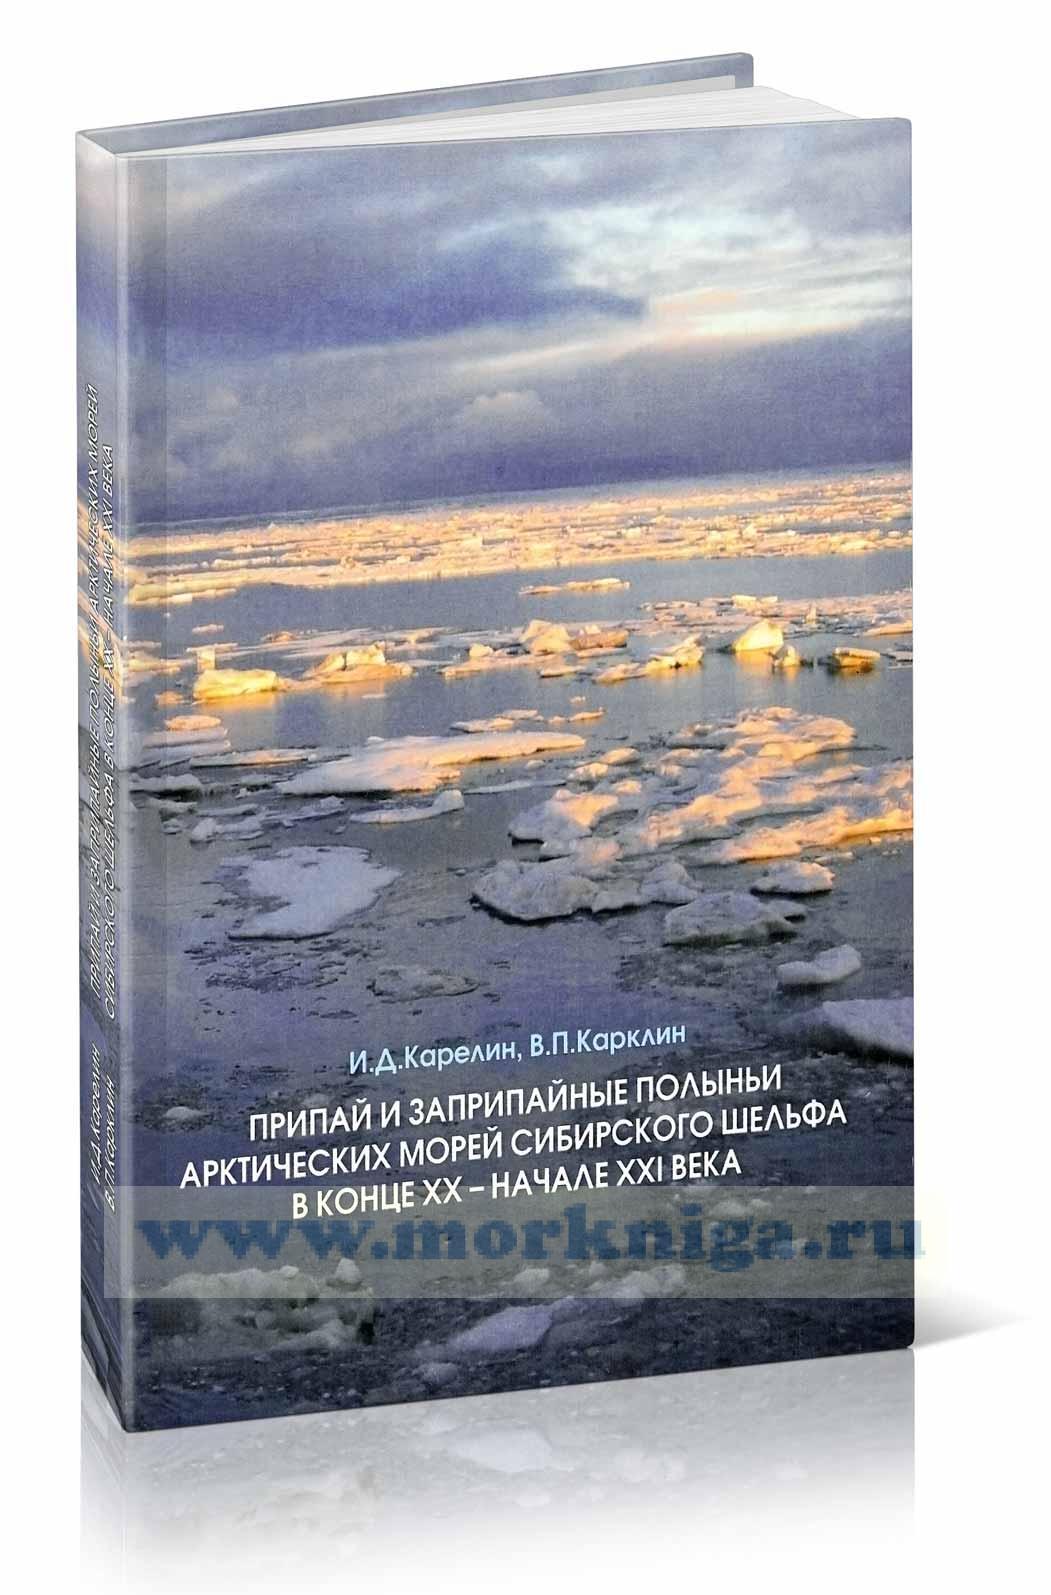 Припай и заприпайные полыньи арктических морей Сибирского шельфа в конце XX - начале XXI века